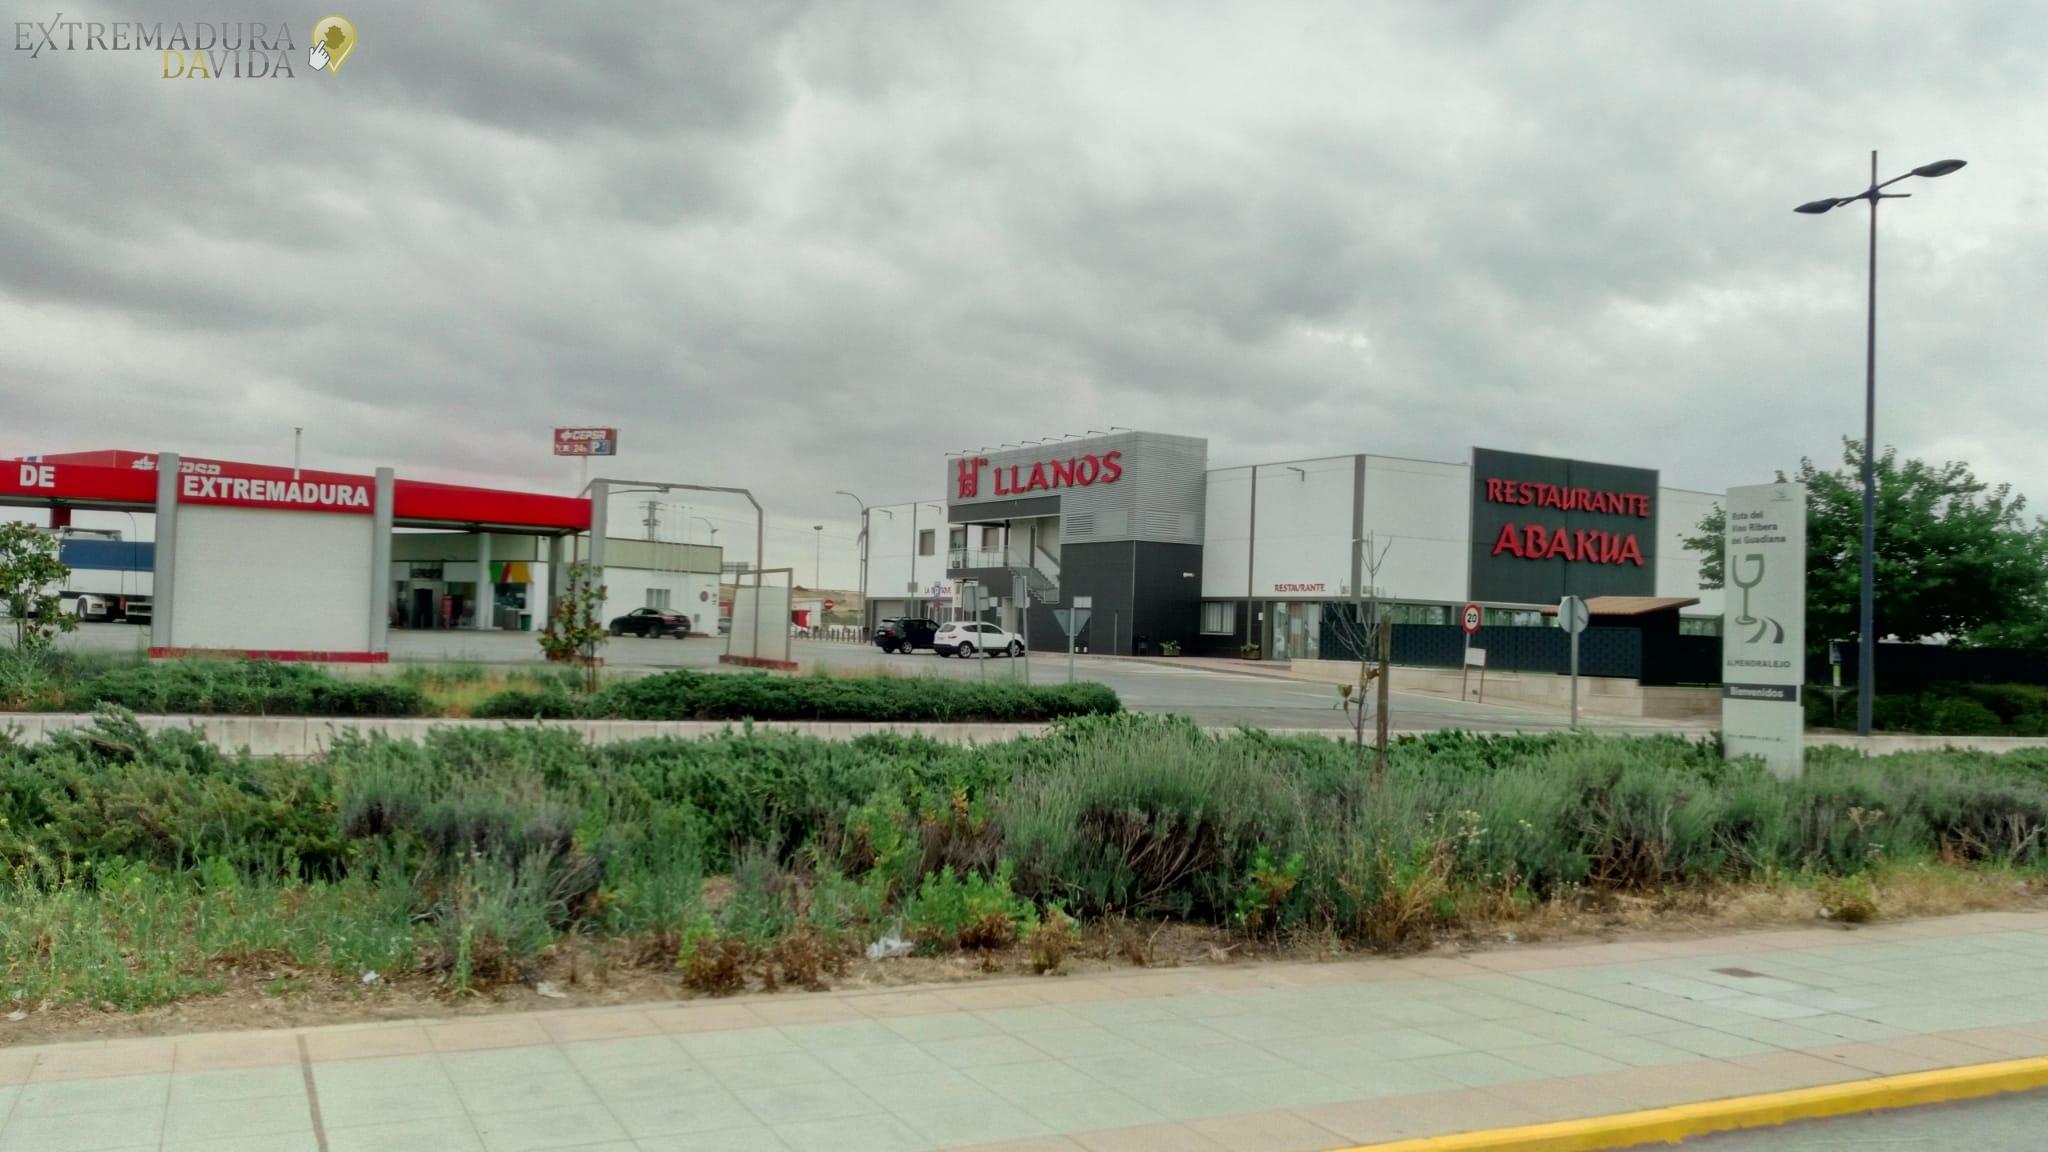 Area de descanso A66 Ruta de la Plata Los Llanos de Extremadura